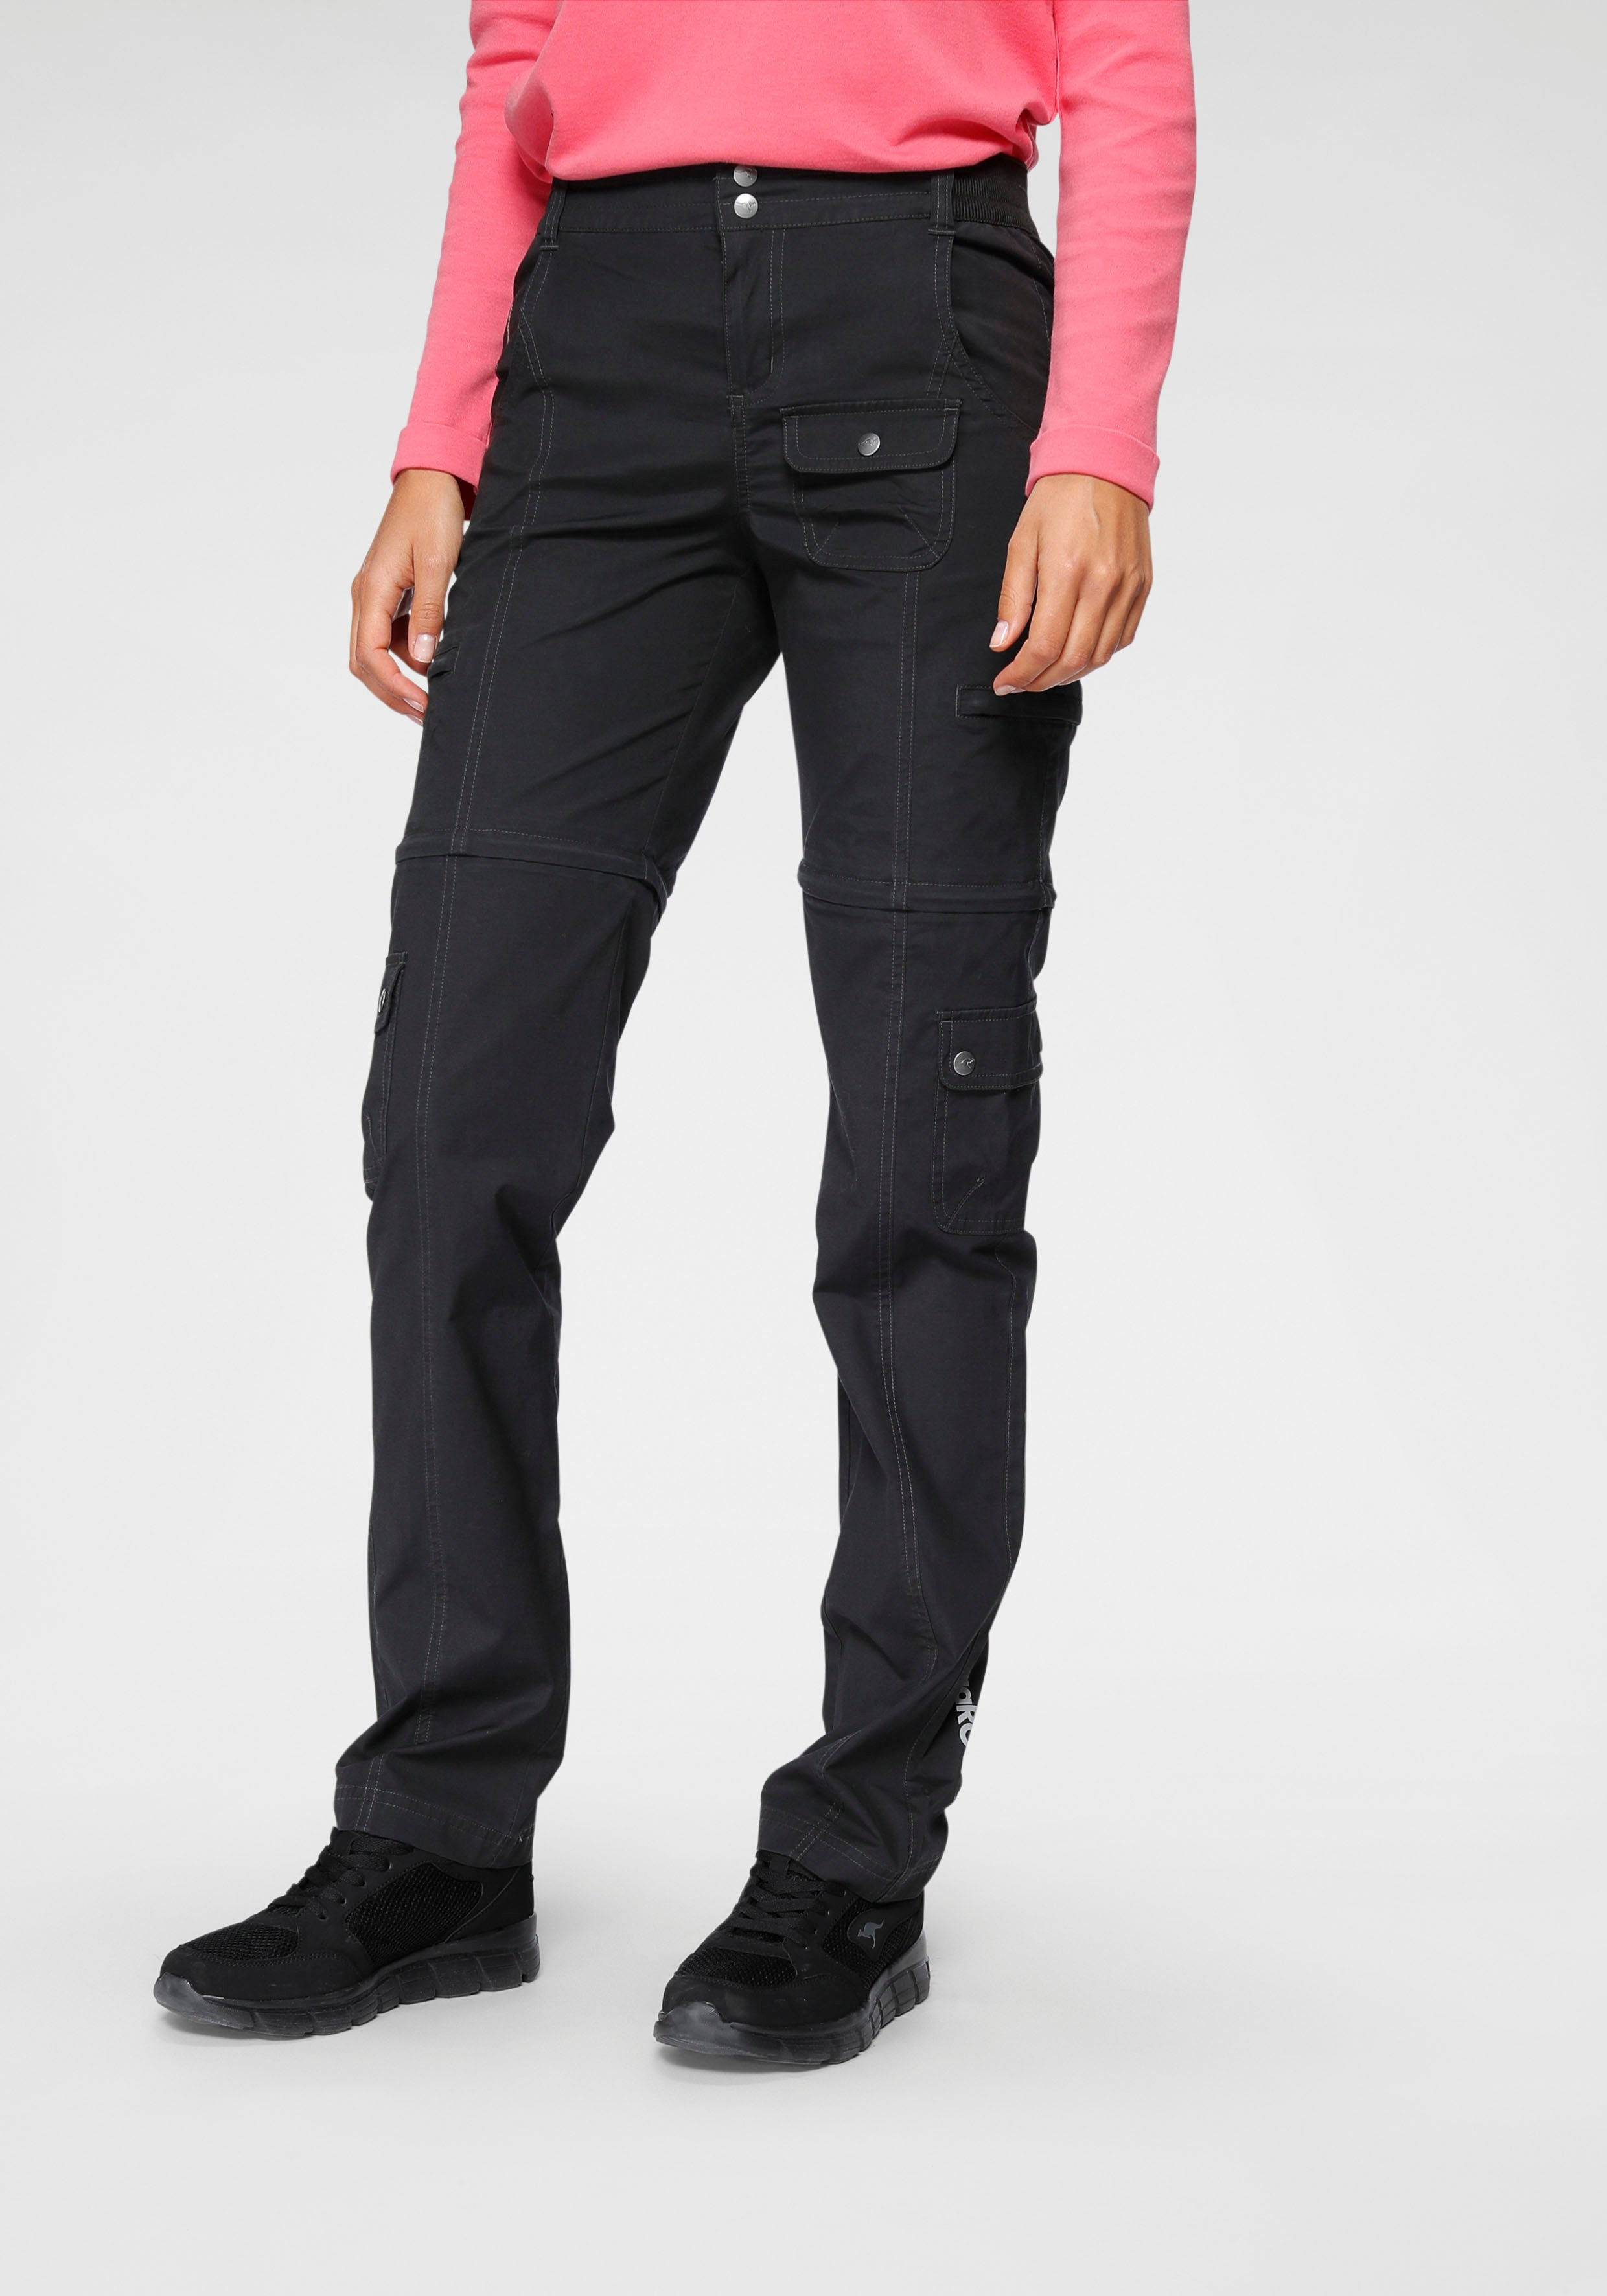 KangaROOS functionele broek voordelig en veilig online kopen